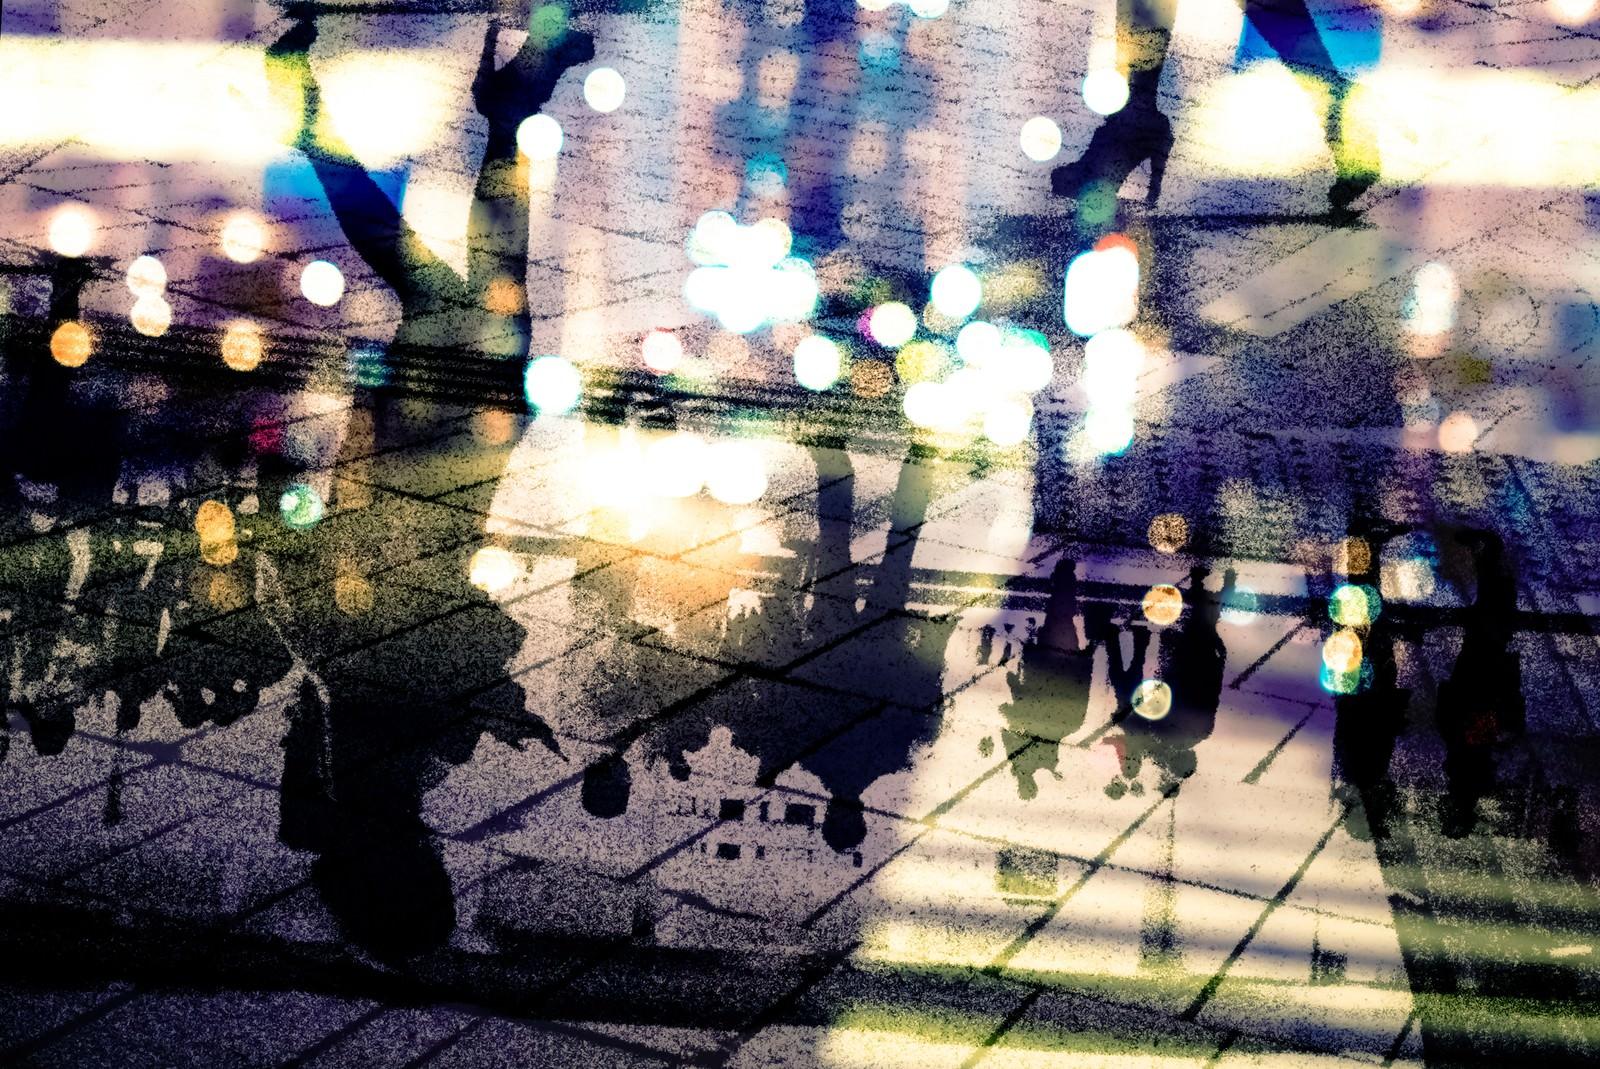 「都会の喧騒を映すアスファルト(フォトモンタージュ)」の写真